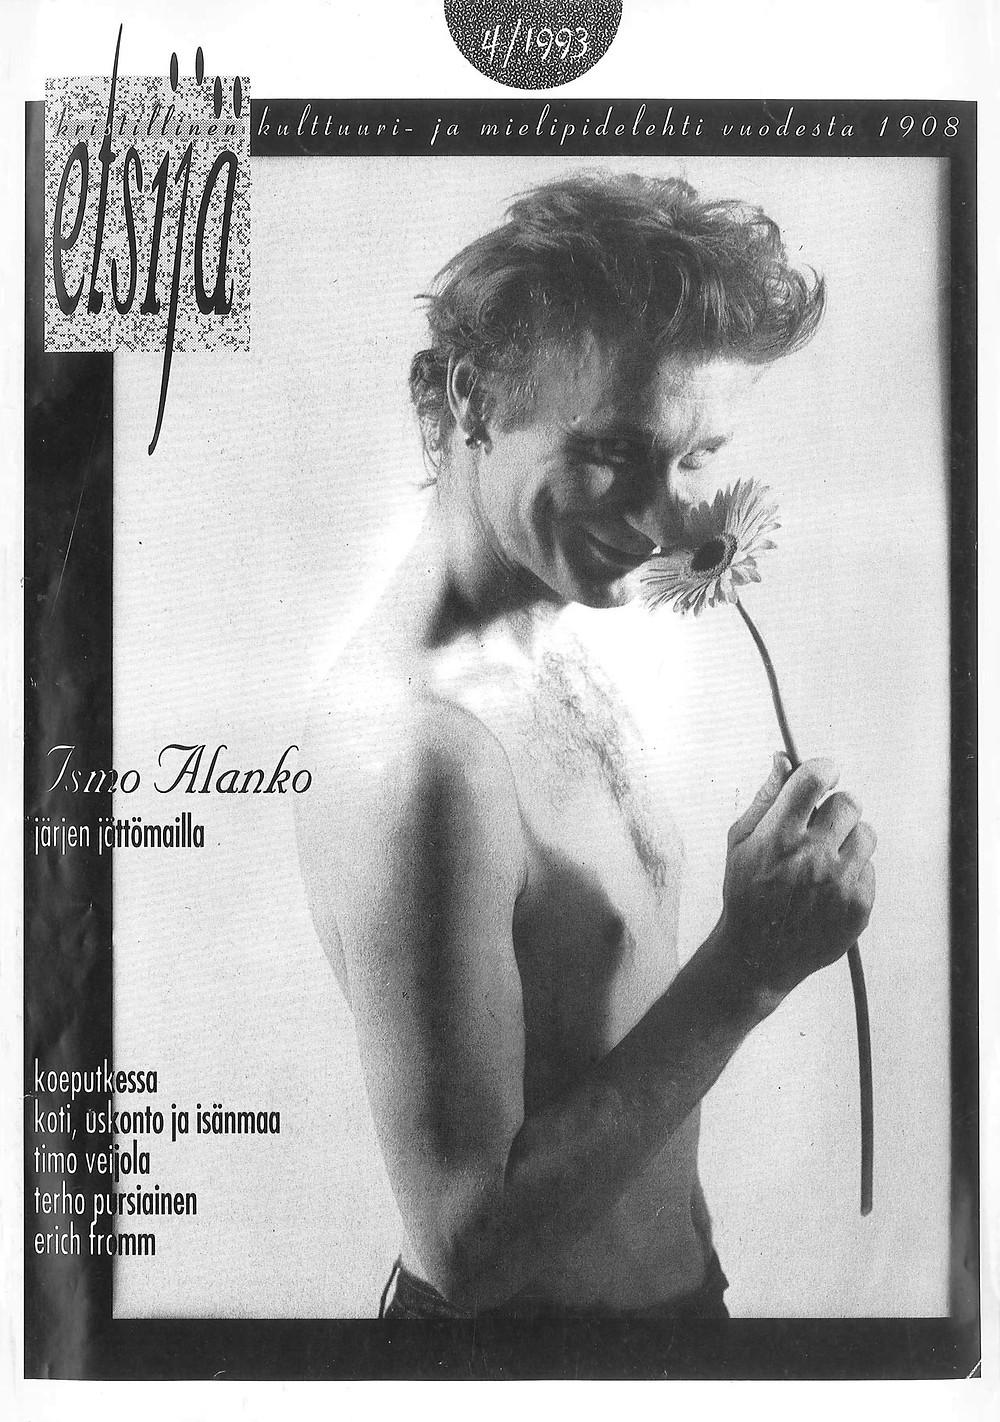 Kuvituskuva. Ismo Alangon Haastattelu Etsijä-lehdessä vuonna 1993. Sivu 1.